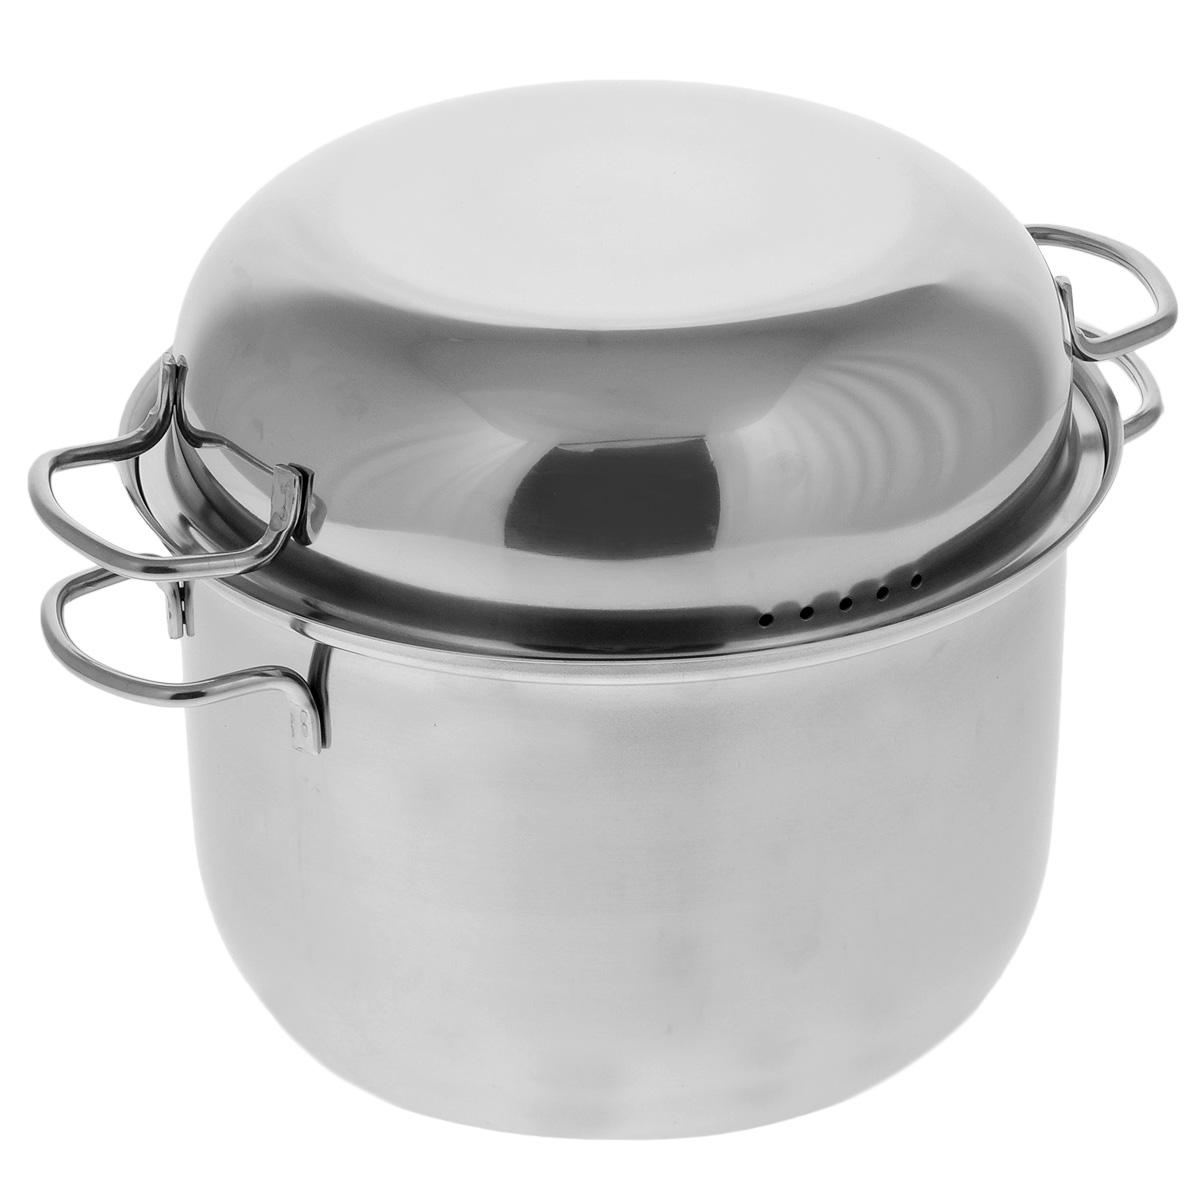 """Мантоварка АМЕТ """"Классика"""" предназначена для приготовления диетических блюд на пару, в частности - мантов. Изделие гигиенично и безопасно для здоровья. Нержавеющая сталь обладает малой теплопроводностью, поэтому посуда из нее остывает гораздо медленнее, чем любой другой вид посуды, а значит, приготовленное в ней более длительное время остается горячим. Мантоварка укомплектована тремя решетками с ручками из нержавеющей стали на ножках и крышкой. Крышка плотно прилегает к краю мантоварки, сохраняя аромат блюд. Крышка оснащена двумя удобными ручками и отверстиями для выпуска пара. Подходит для газовых и электрических плит. Можно мыть в посудомоечной машине. Высота стенки: 15 см. Толщина стенки: 0,3 см. Толщина дна: 0,3 см. Ширина с учетом ручек: 30,5 см. Диаметр решетки: 20,5 см. Высота мантоварки (с учетом крышки): 21,5 см."""